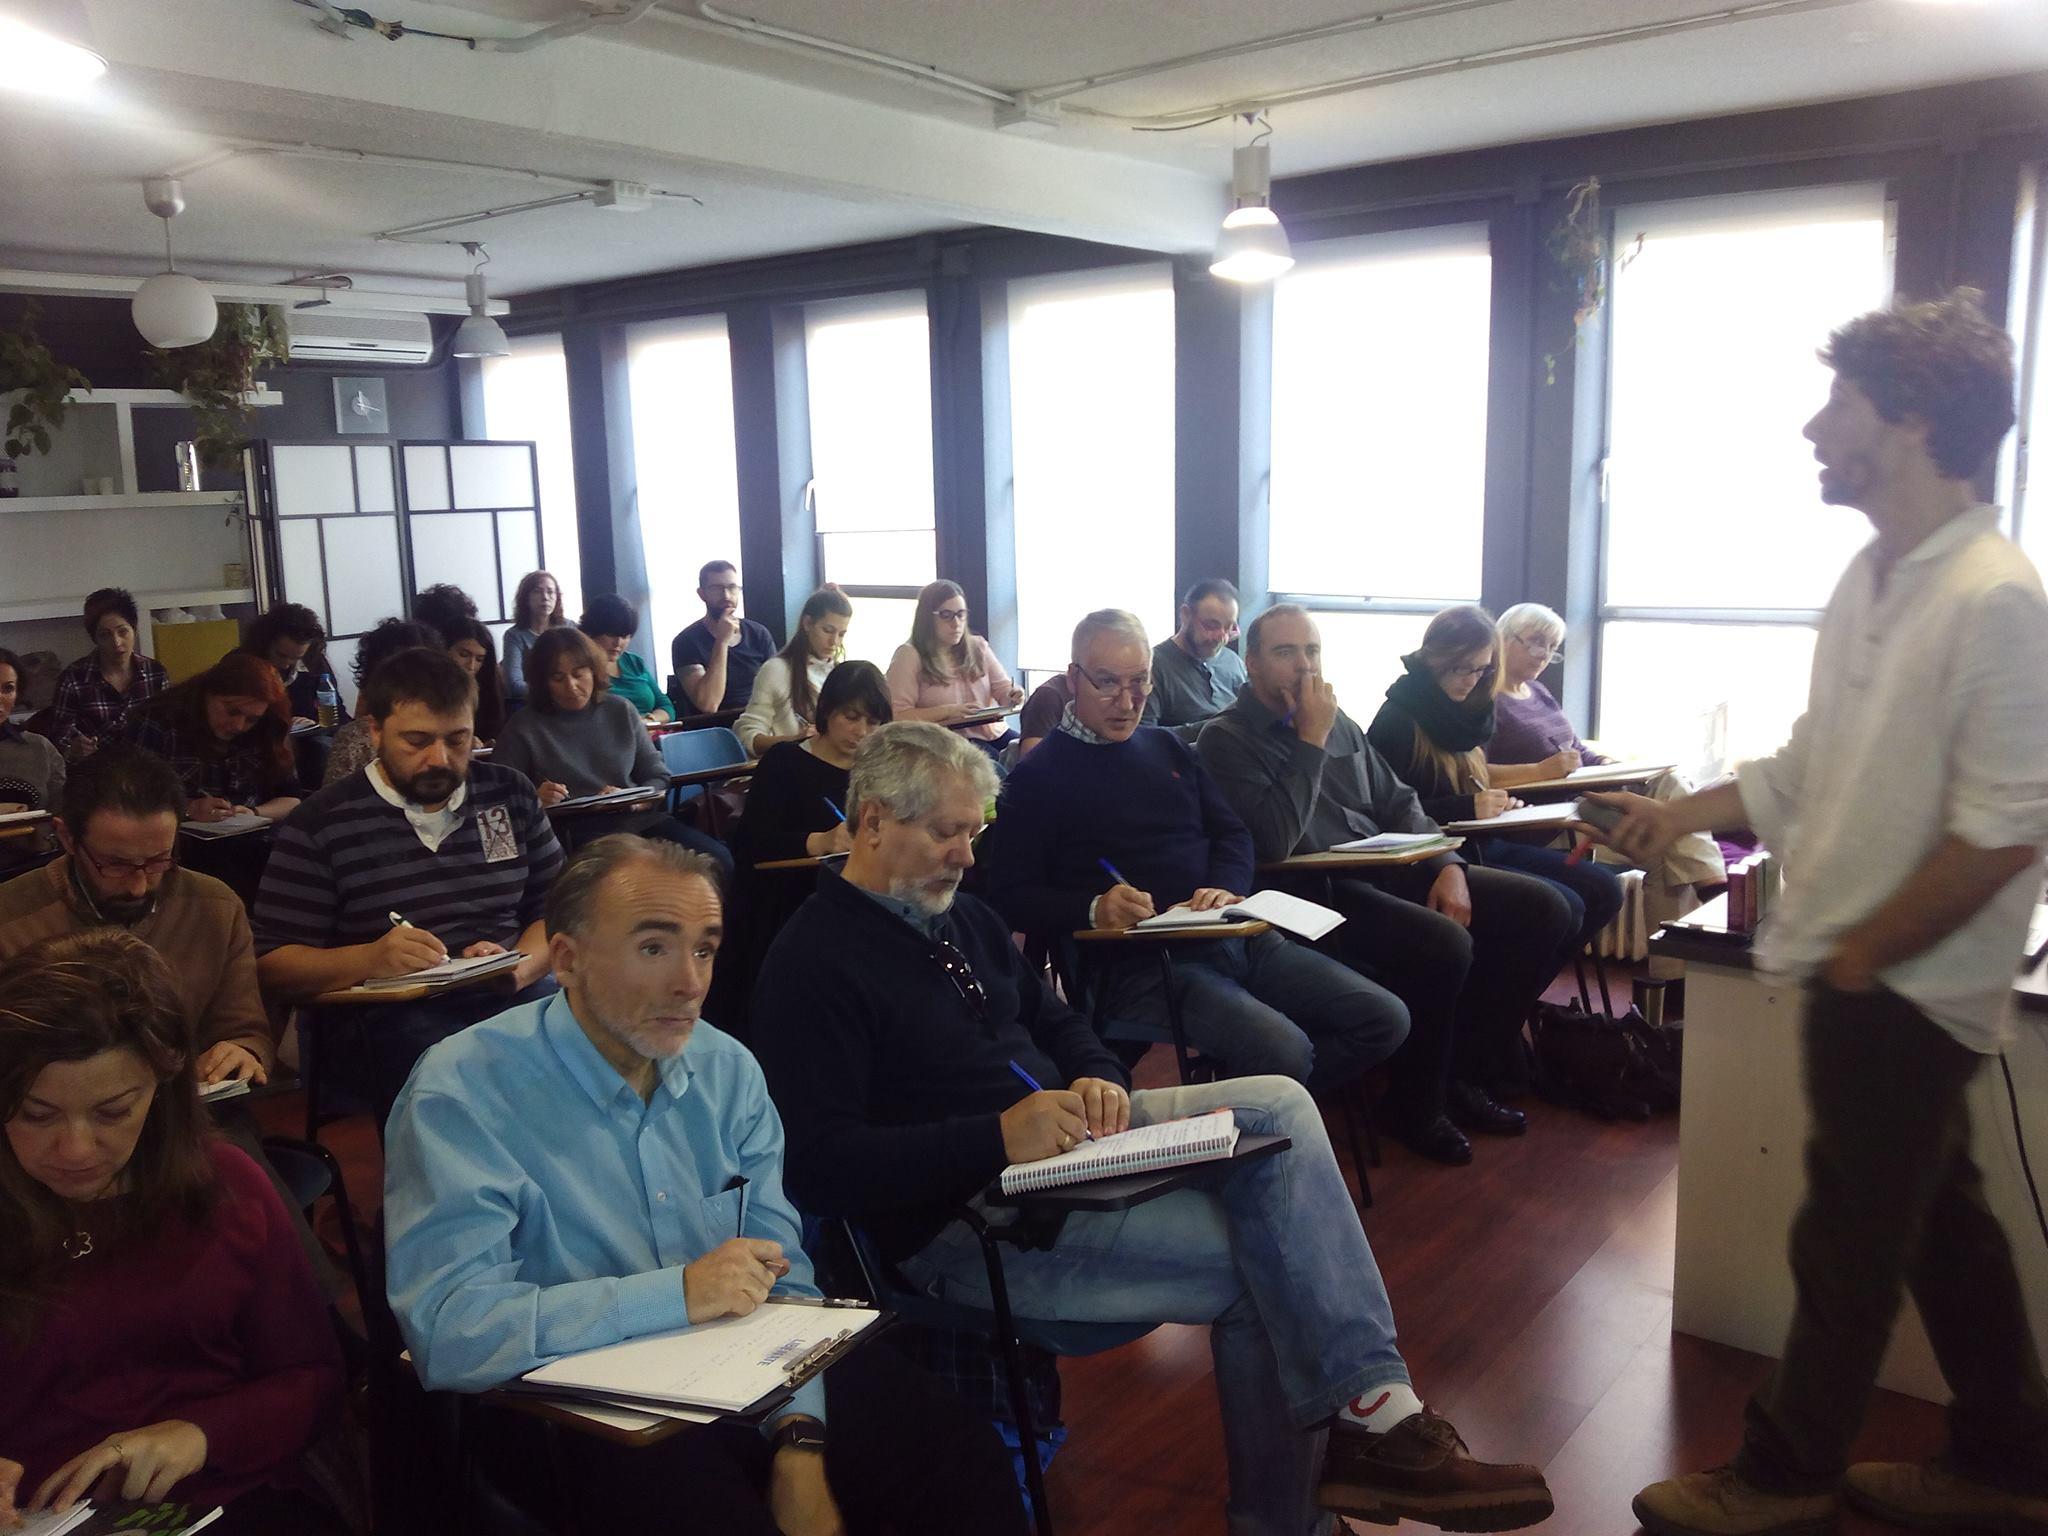 curso medicina tradicional china y Acupuntura en madrid mtc